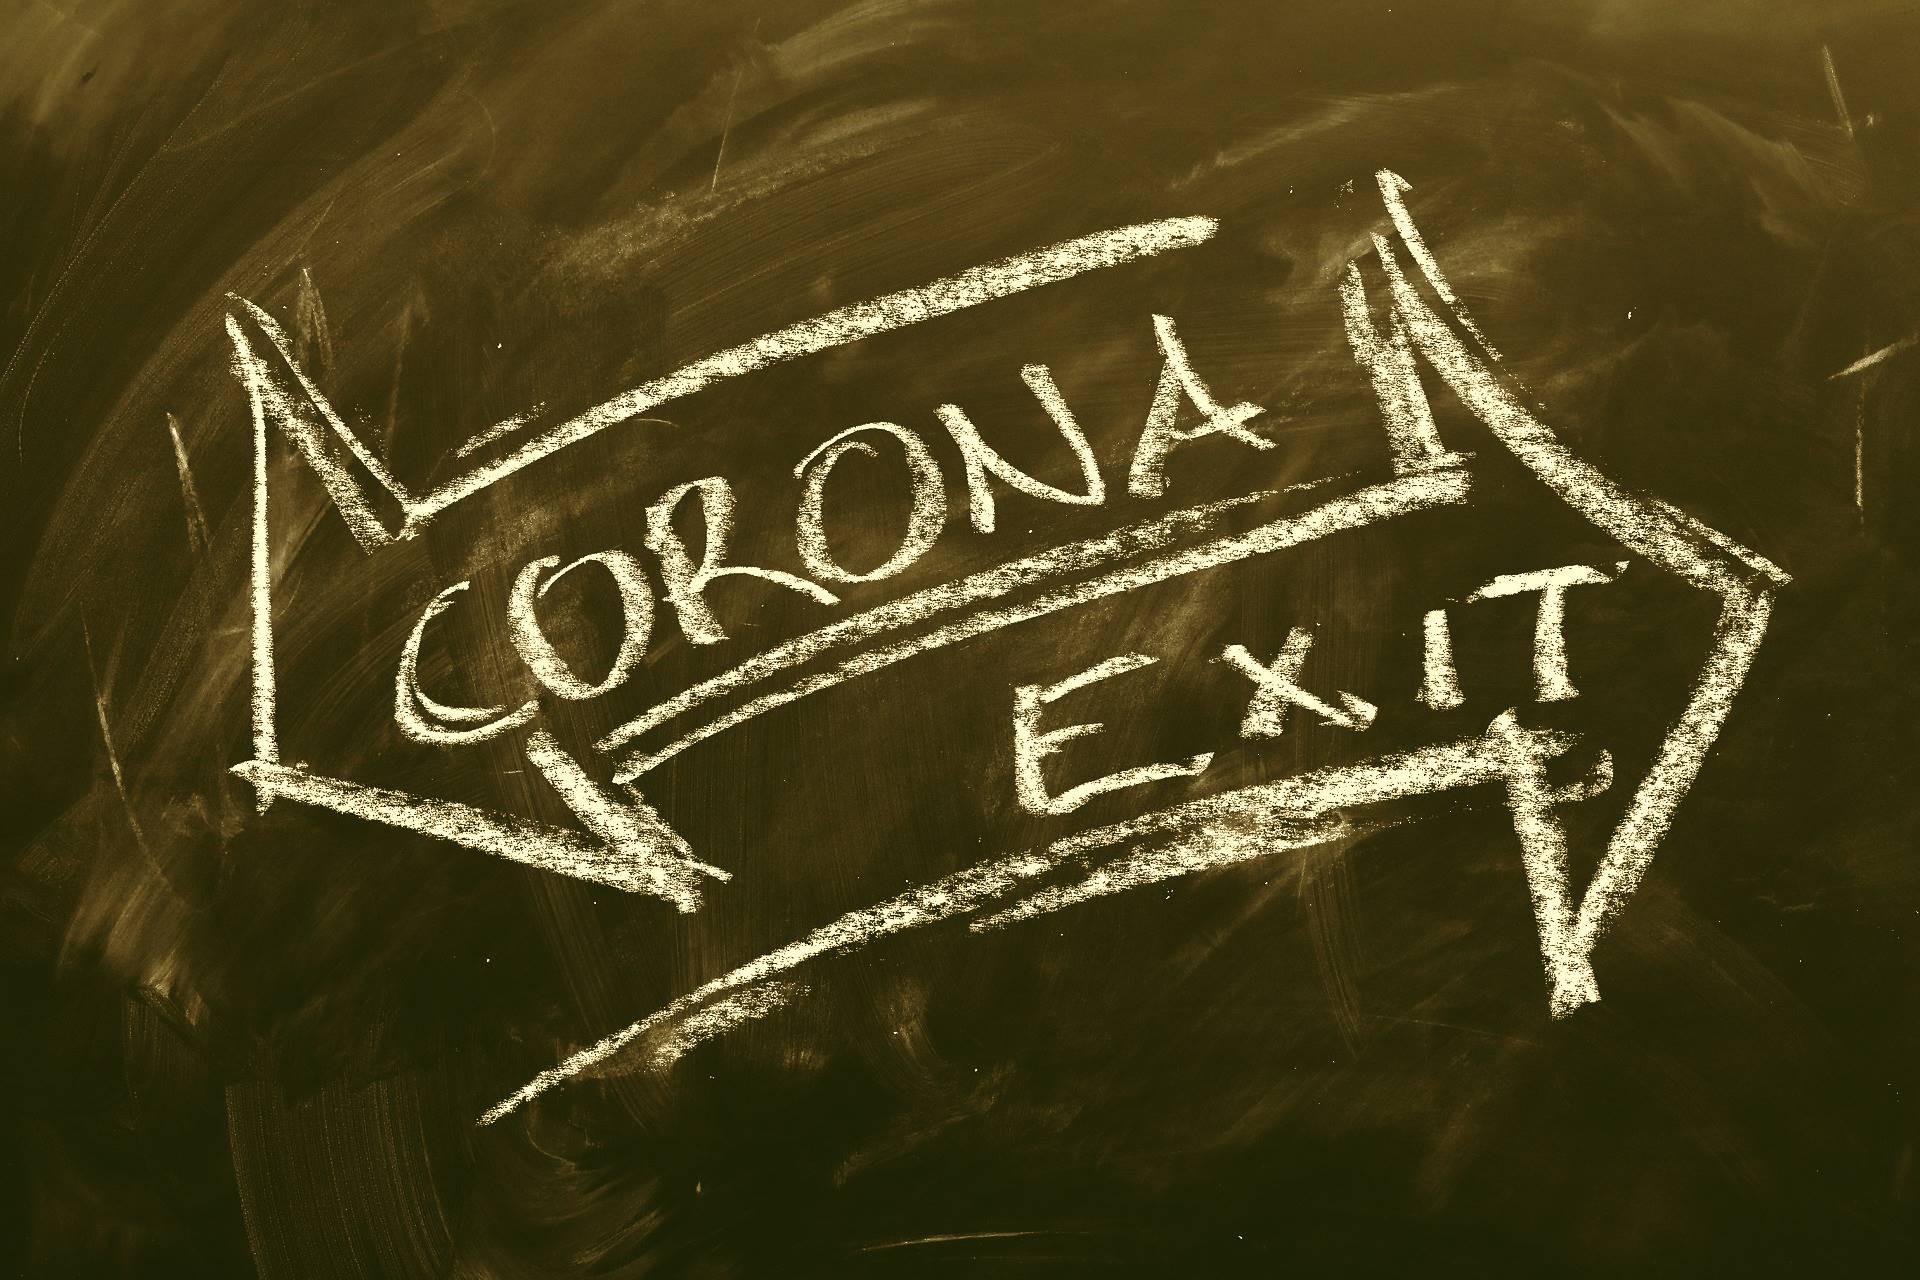 corona-krise-joerg-sticher-hilft-01